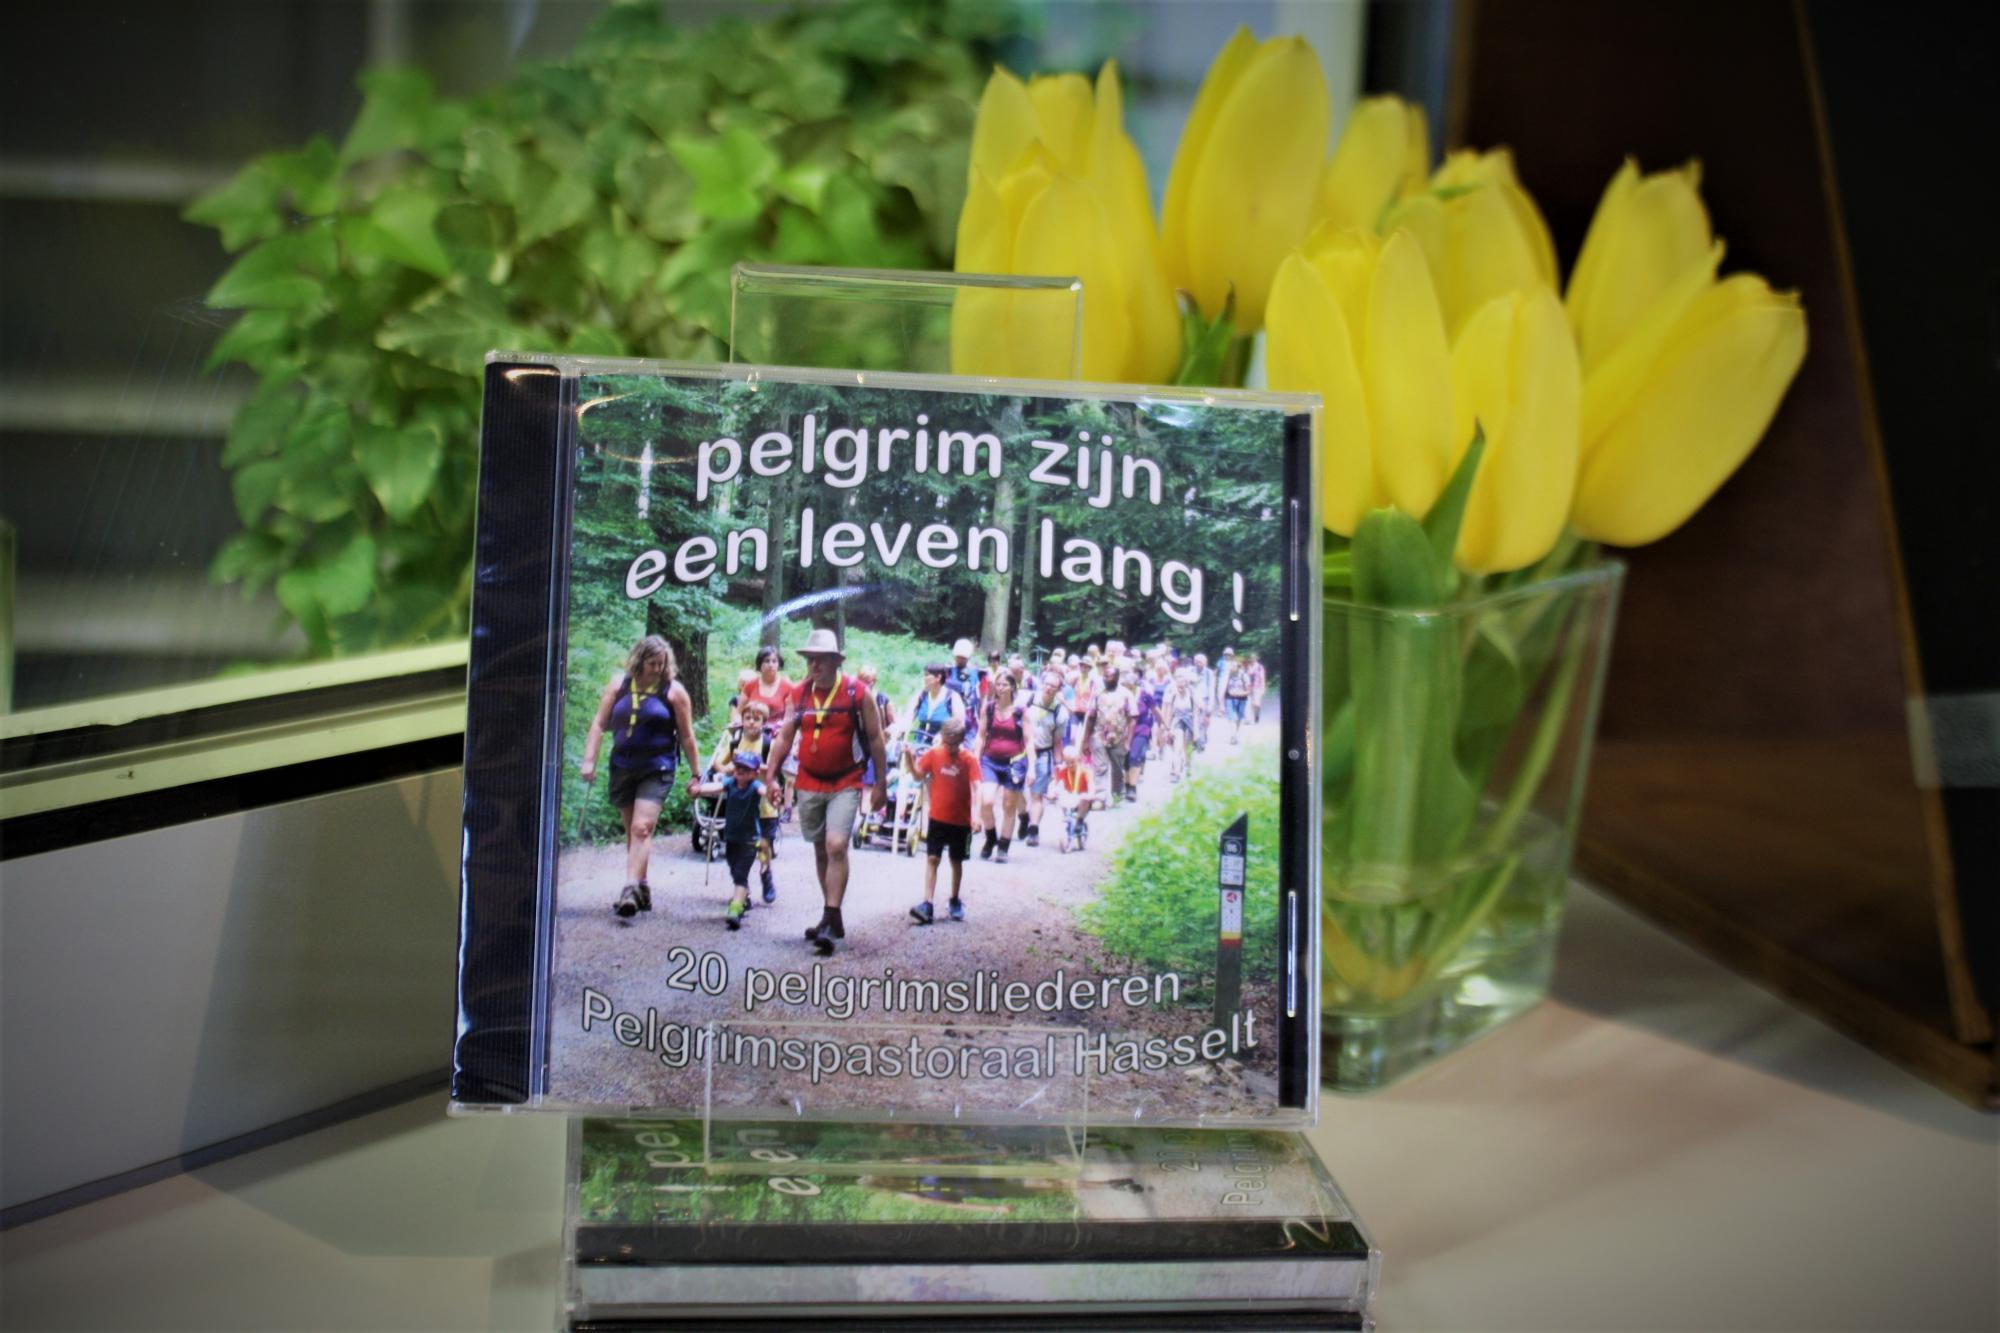 De diocesane werkgroep Pelgrimspastoraal bundelde twintig pelgrimsliederen op een cd. © Persdienst bisdom Hasselt